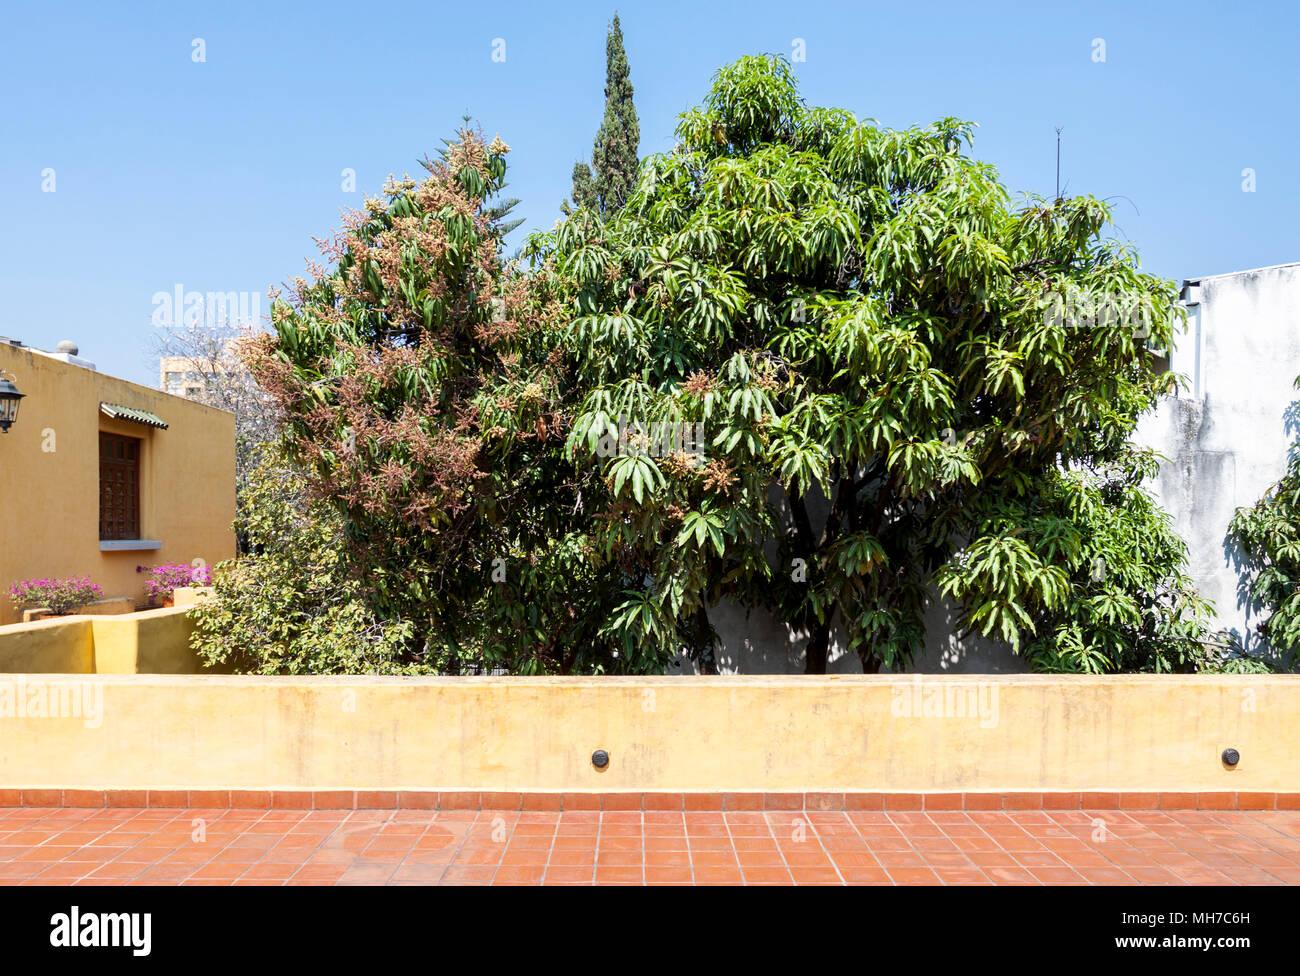 Terrazza arredata con piante tropicali. Guadalajara, Jalisco Messico ...